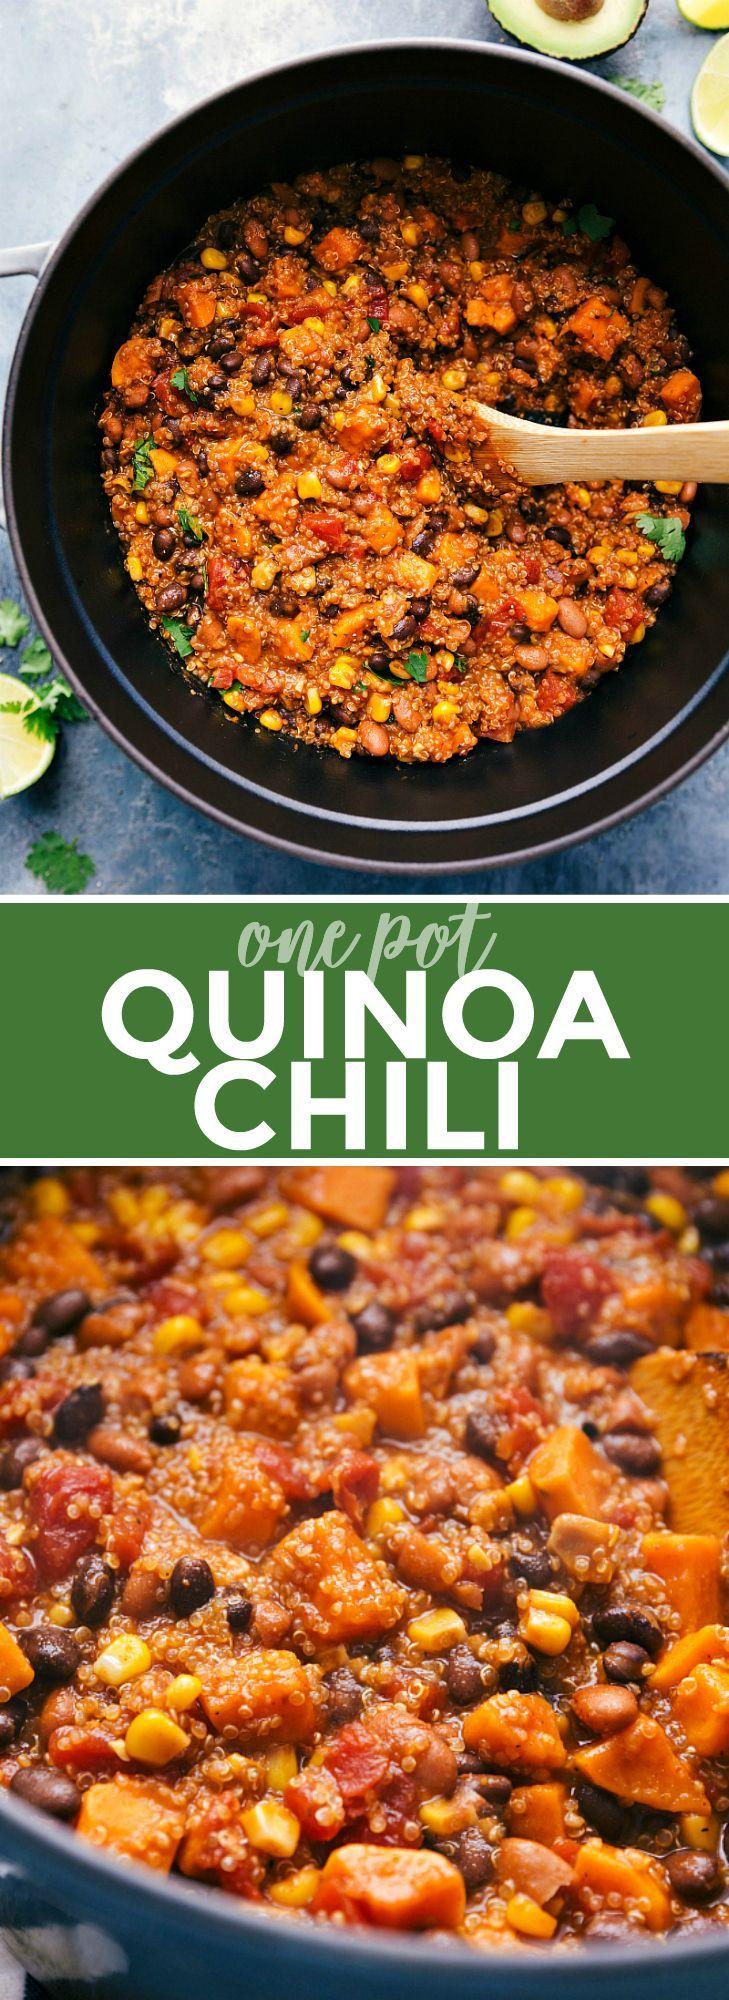 Photo of Quinoa Chili